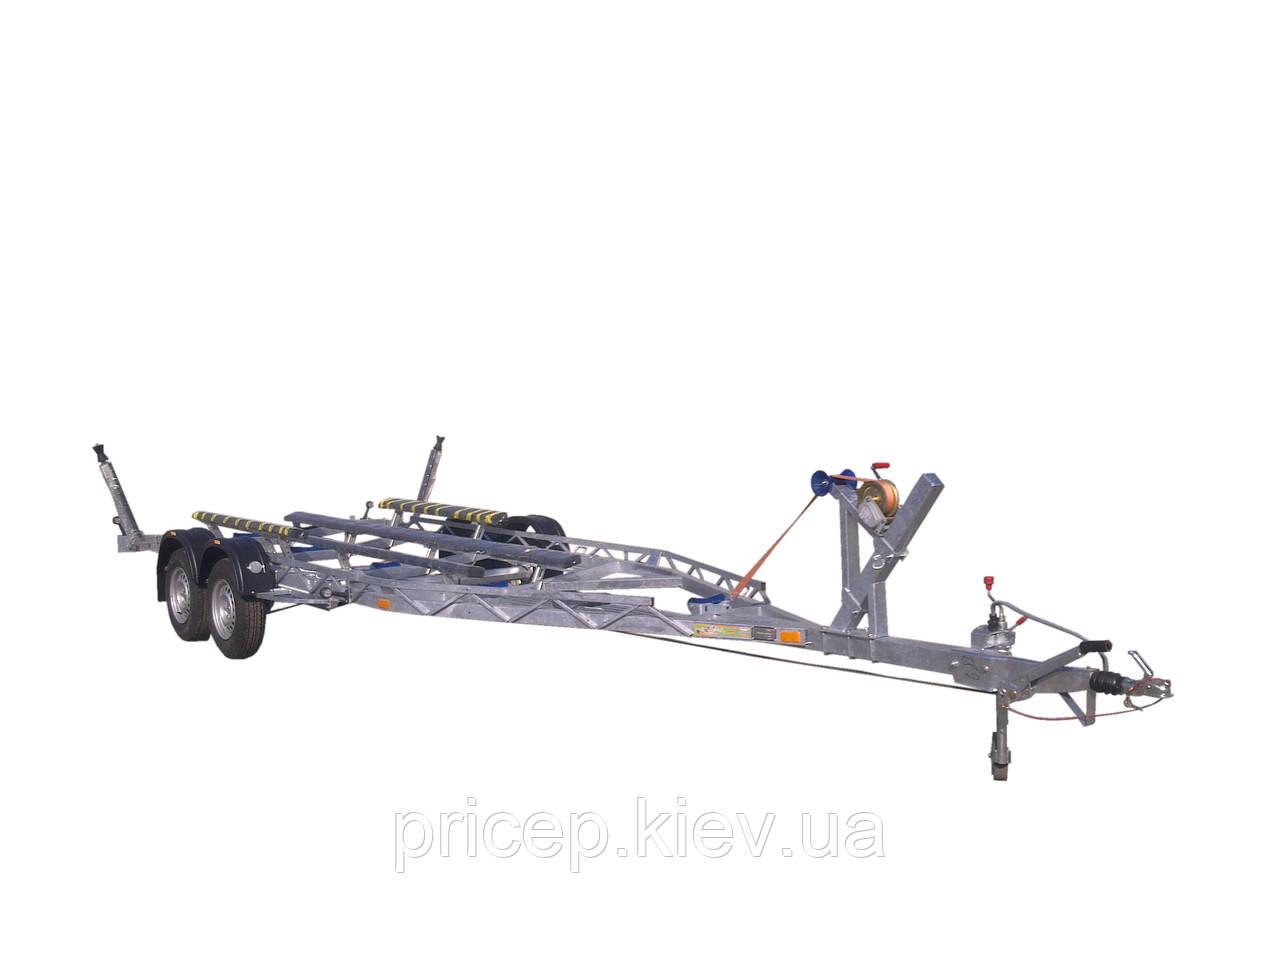 Прицеп для катера длиной 8,2 м, вес 2,6 тонны.